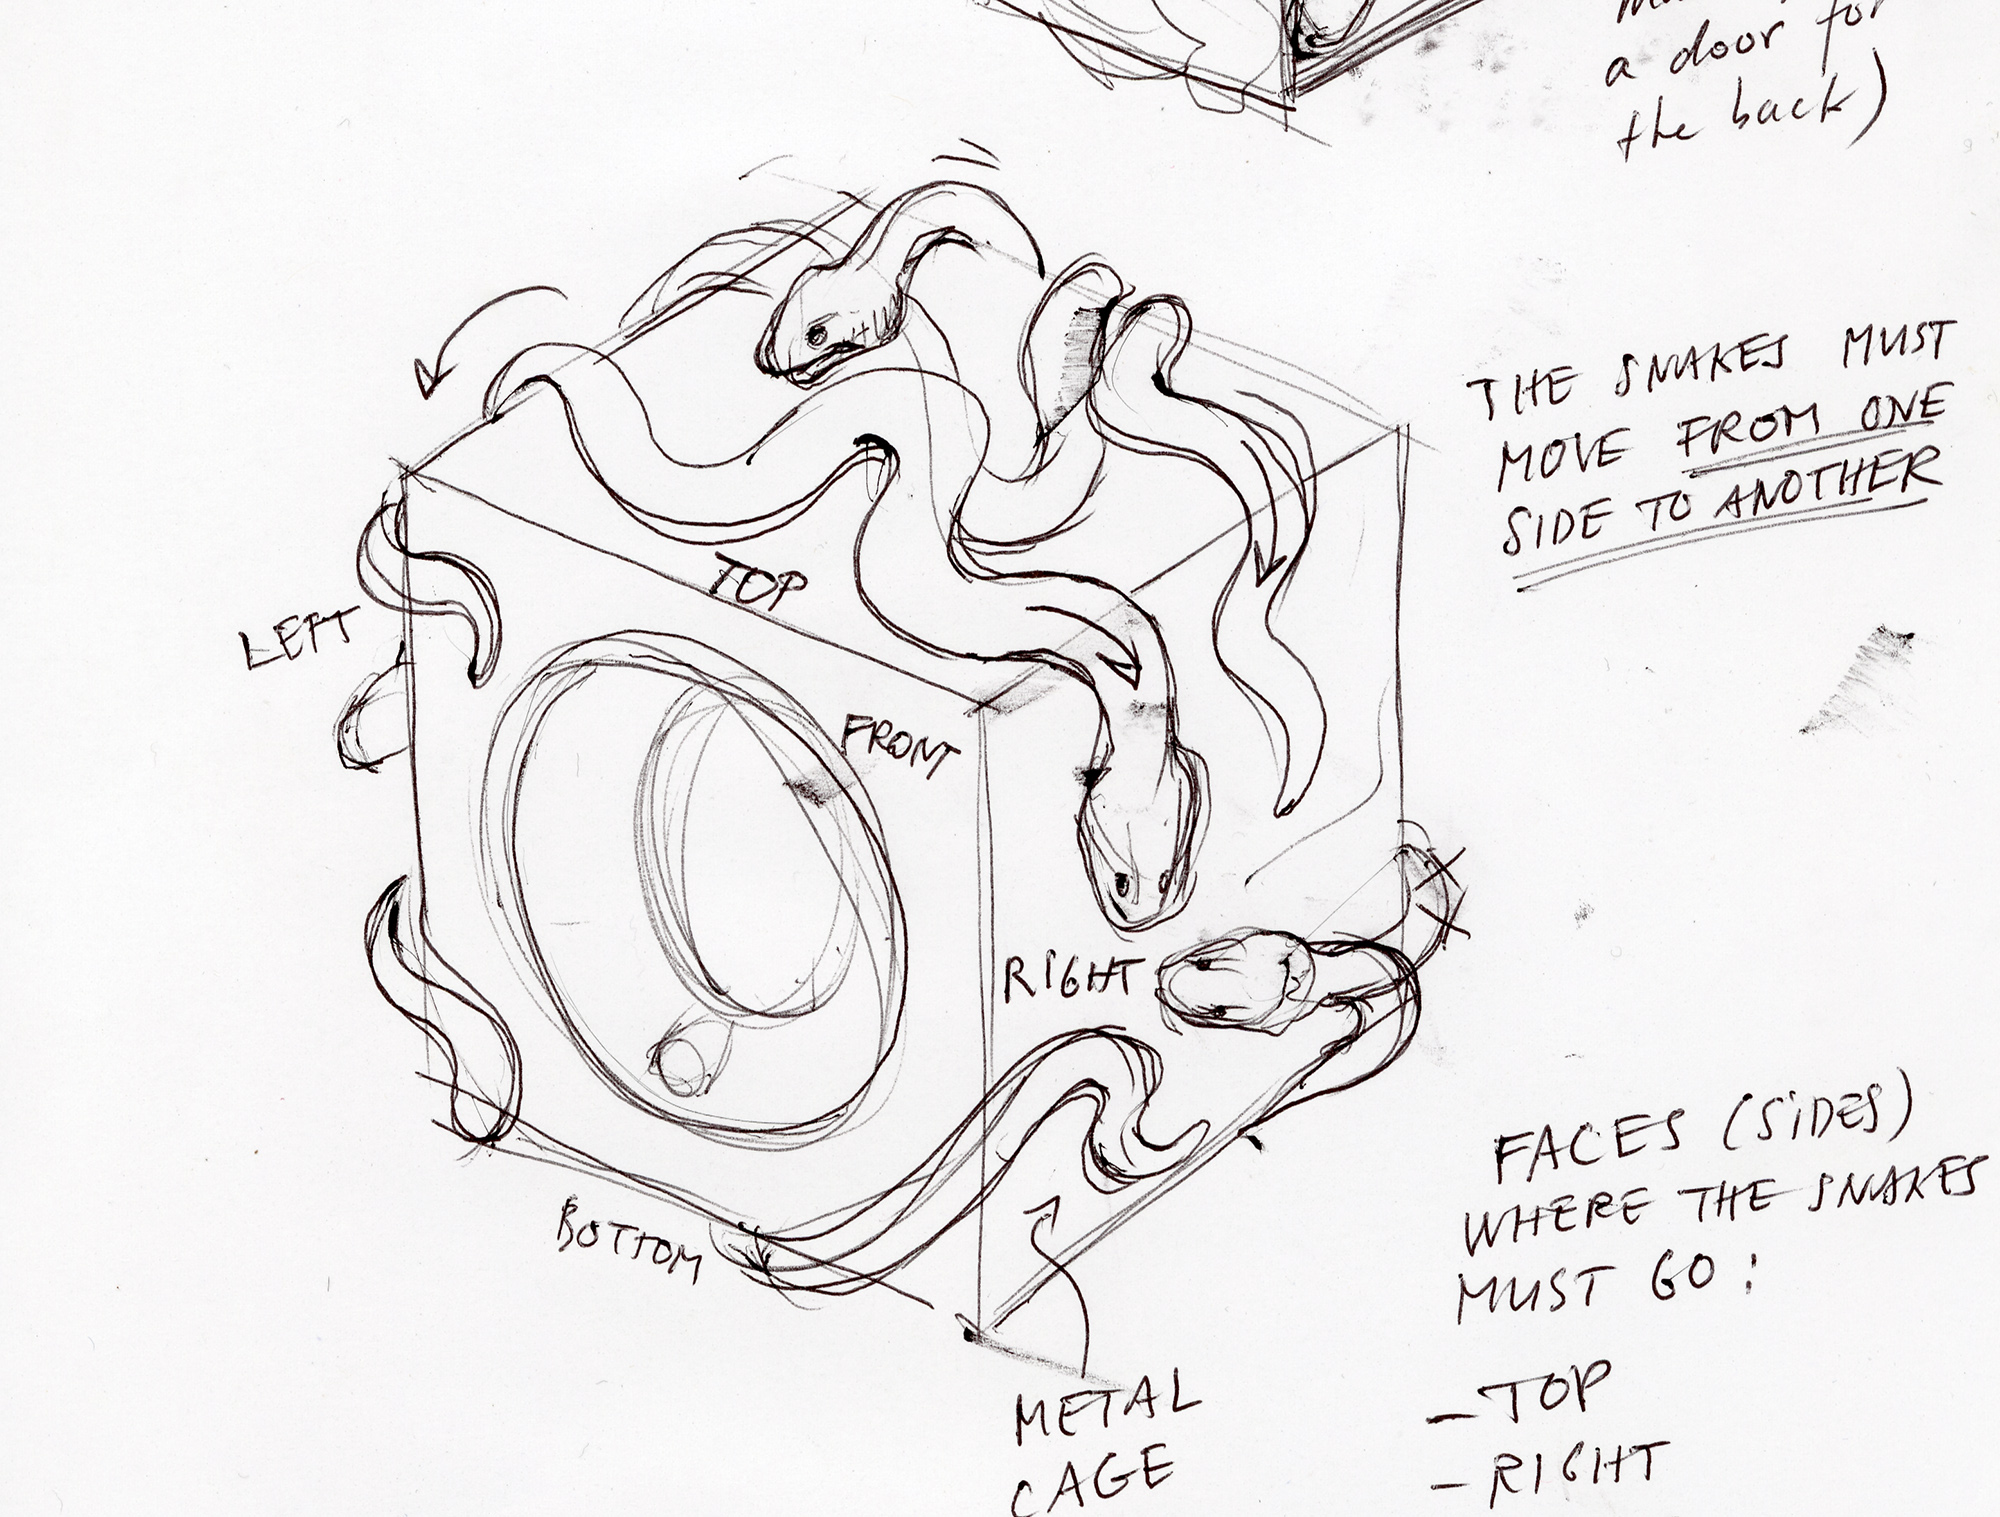 dessin adatte kubik snakes